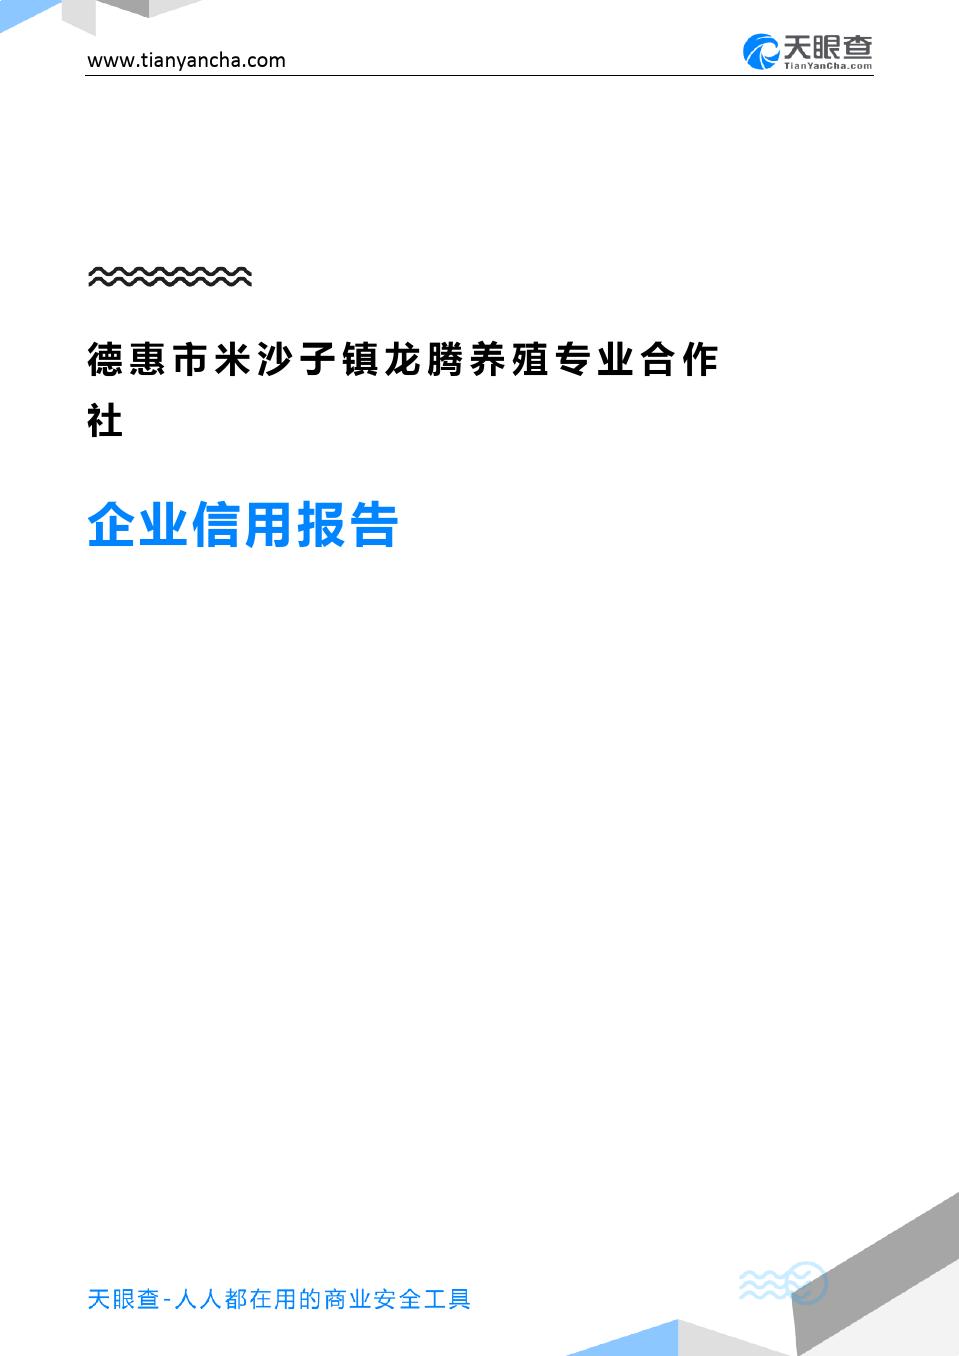 德惠市米沙子镇龙腾养殖专业合作社企业信用报告-天眼查